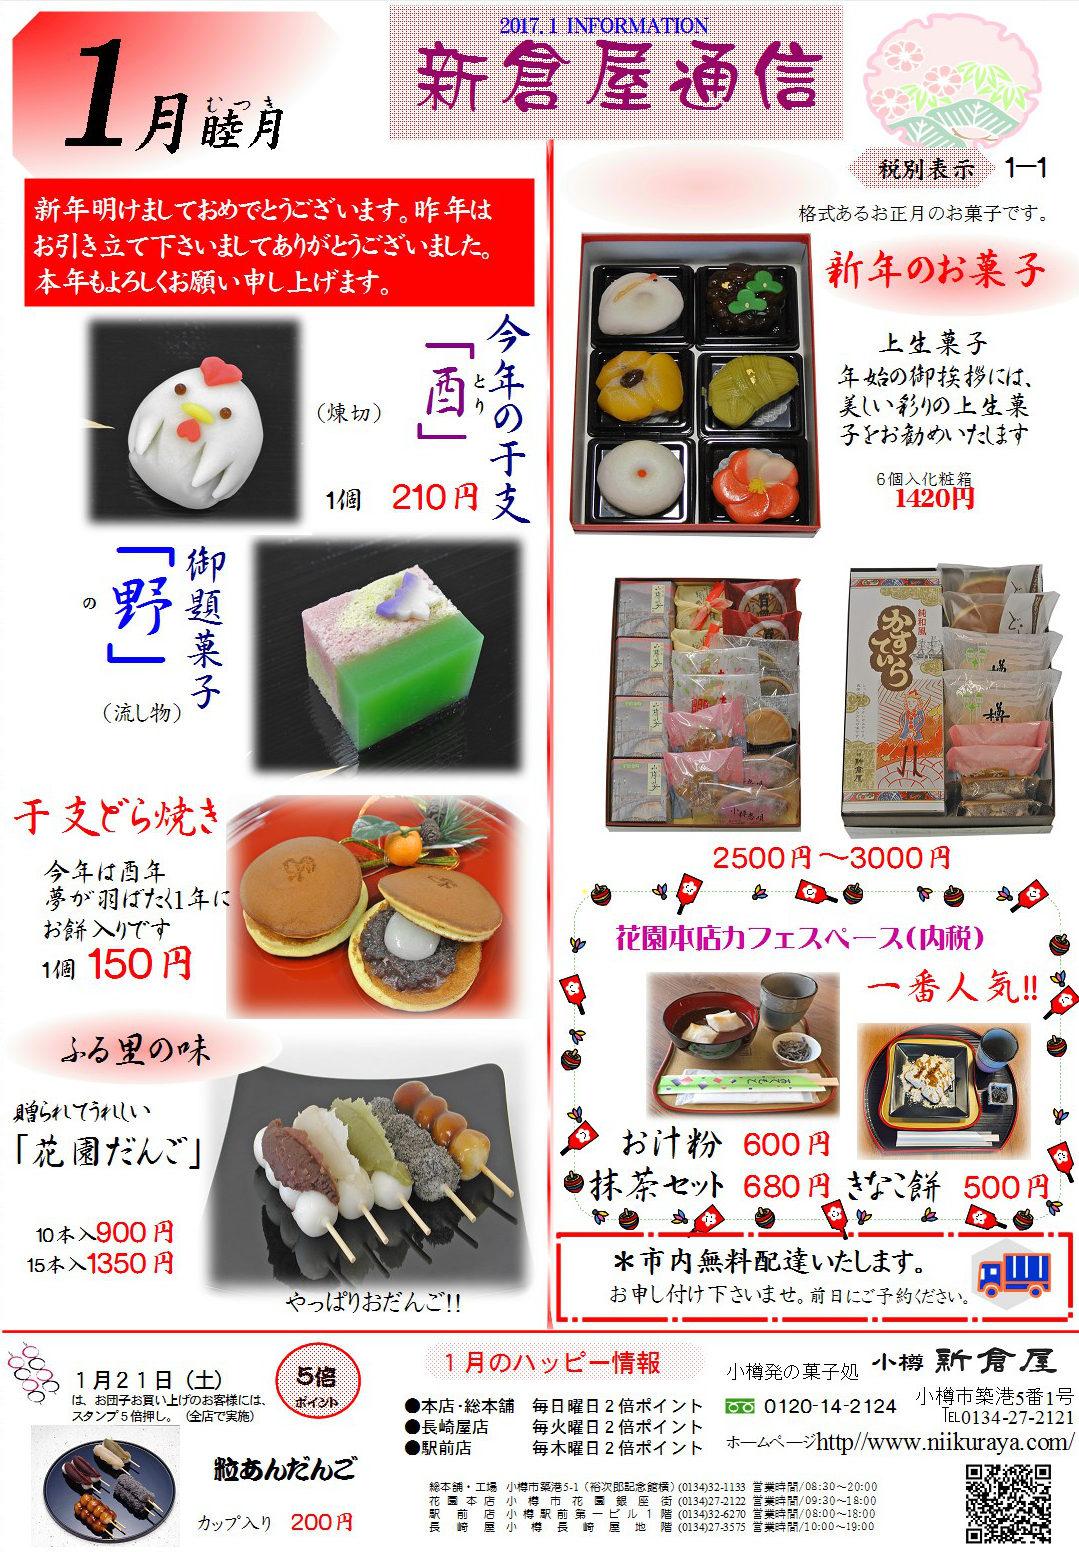 小樽新倉屋通信2017年1月7号